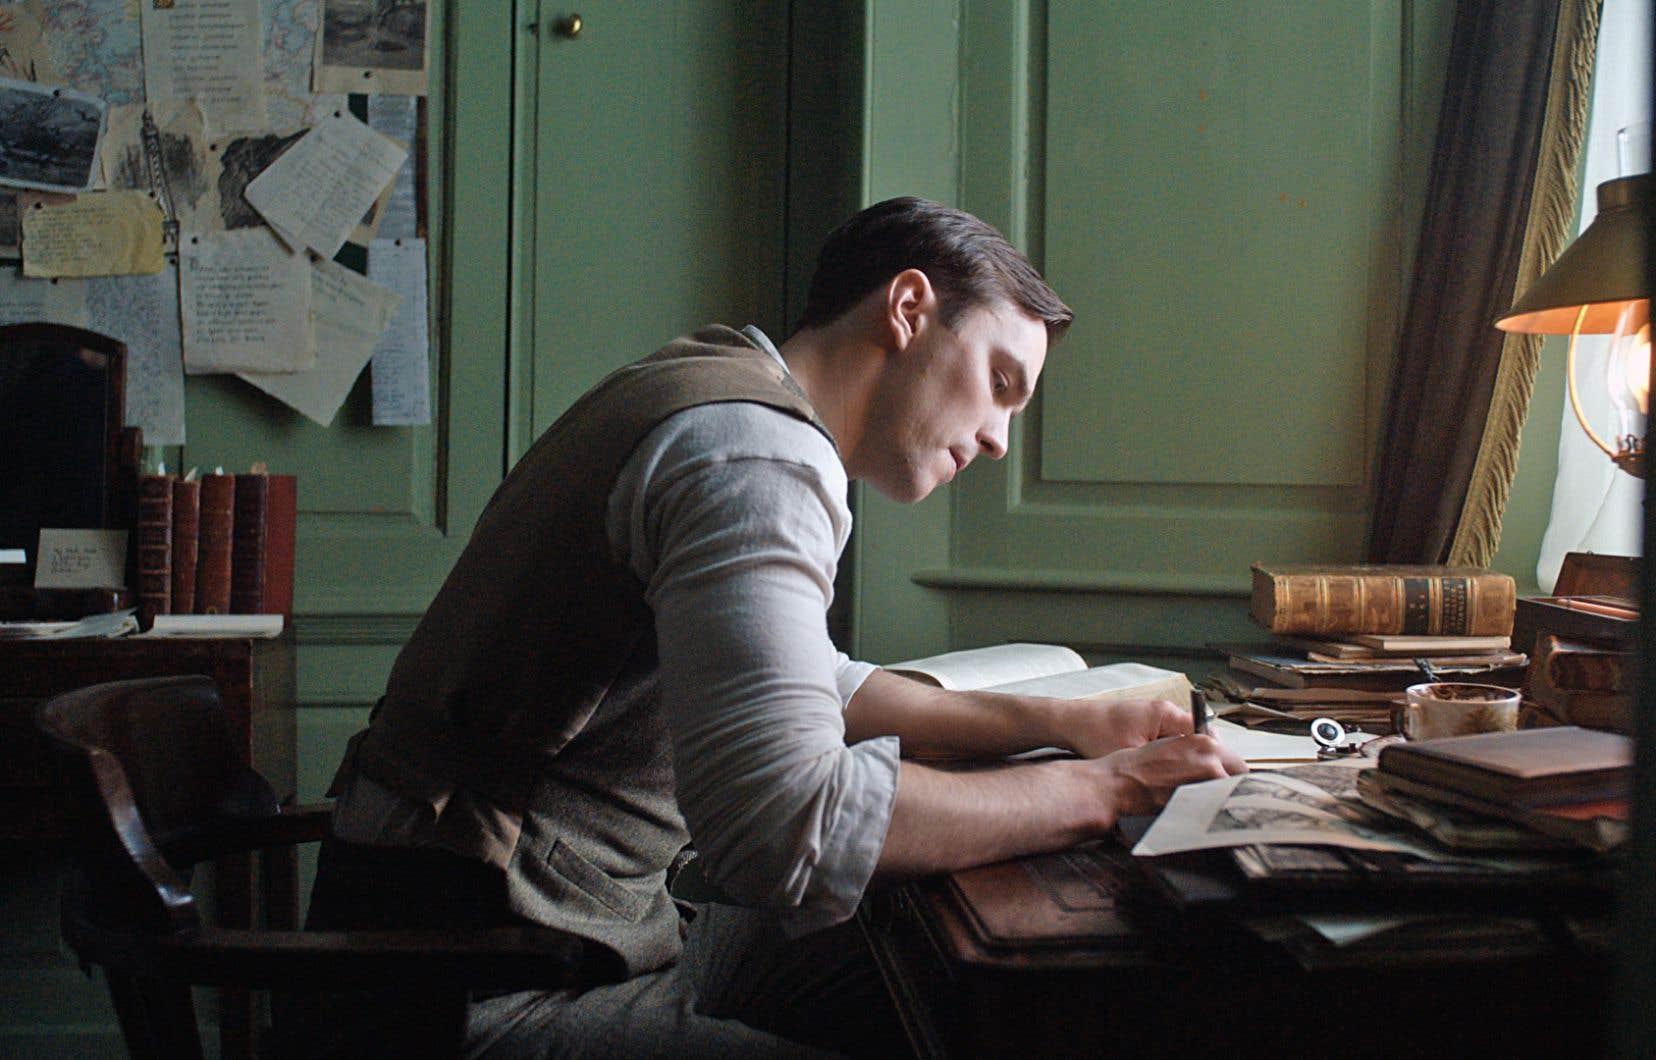 «Tolkien» propose du drame, de l'aventure et de la romance. Hélas, les personnages ont beau manifester toute la ferveur du monde, le résultat est bien tiède.